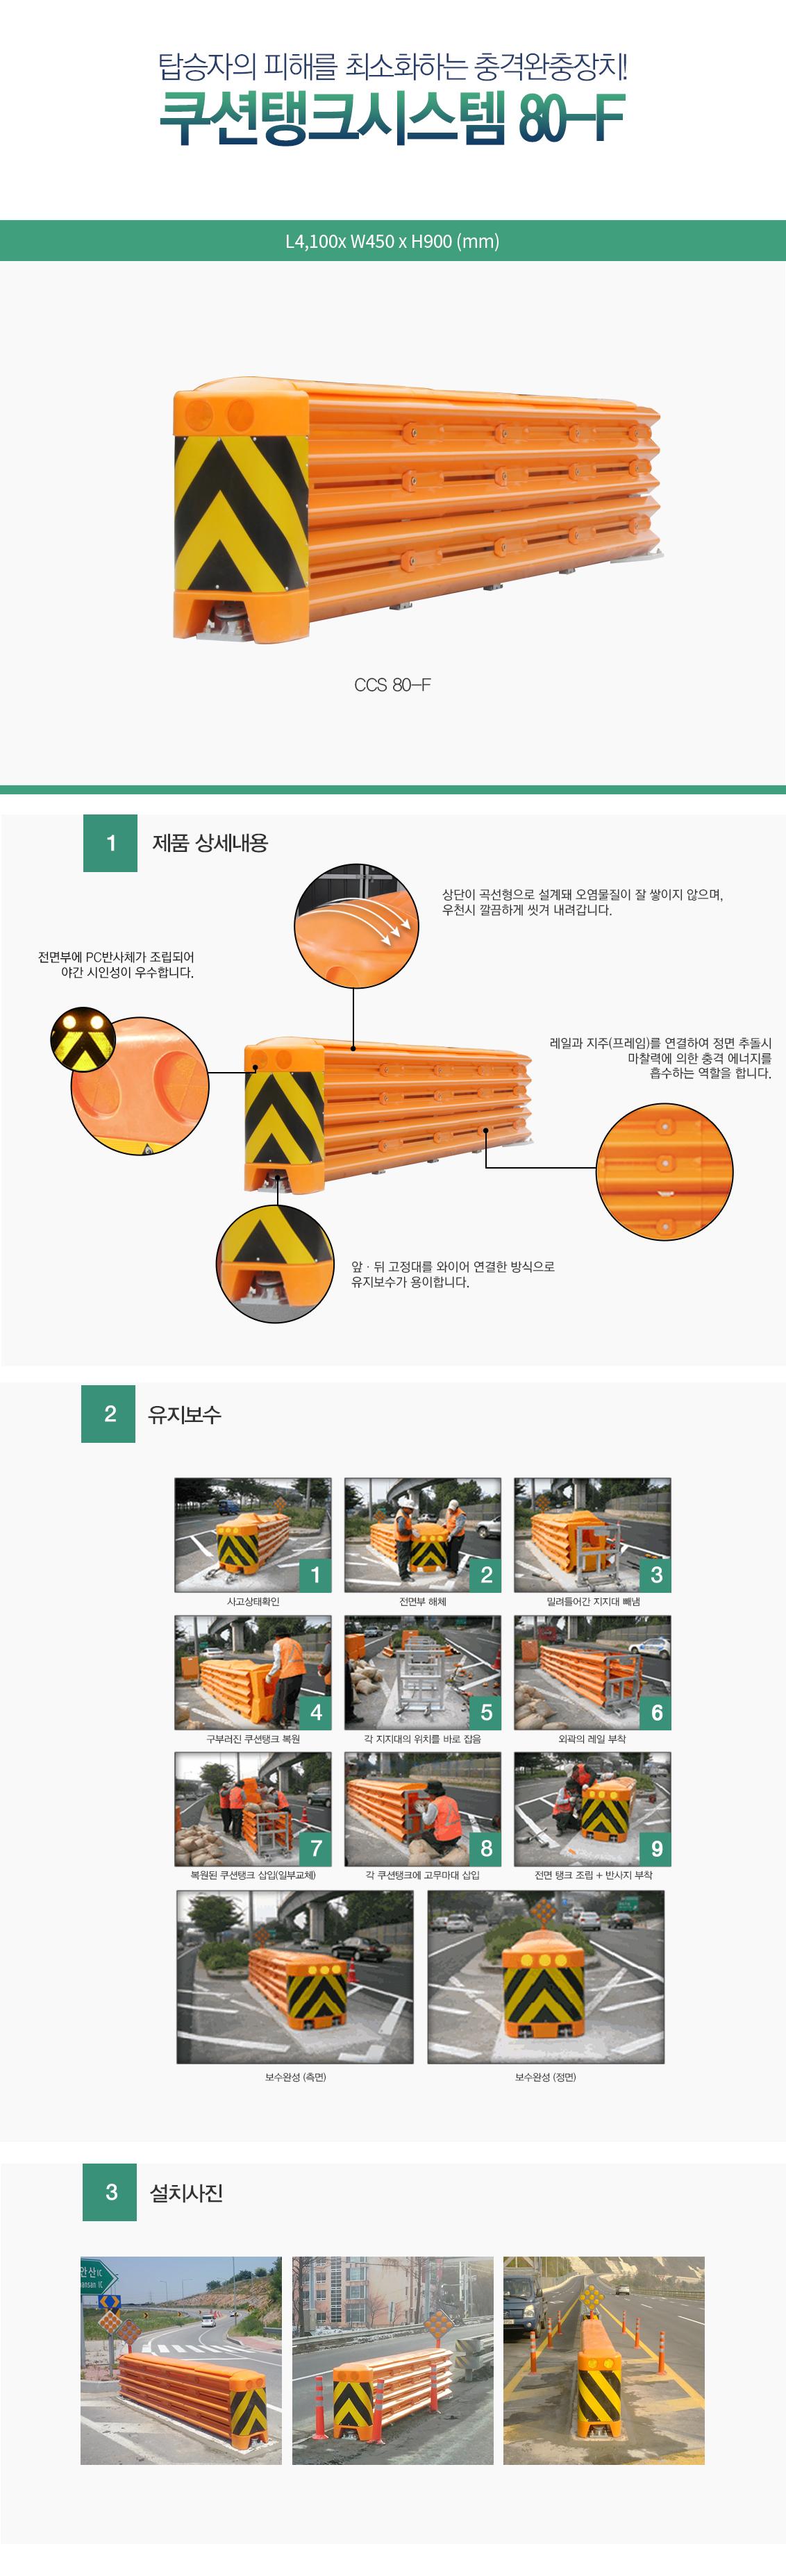 쿠션탱크시스템80_F_해솔_20200630.jpg